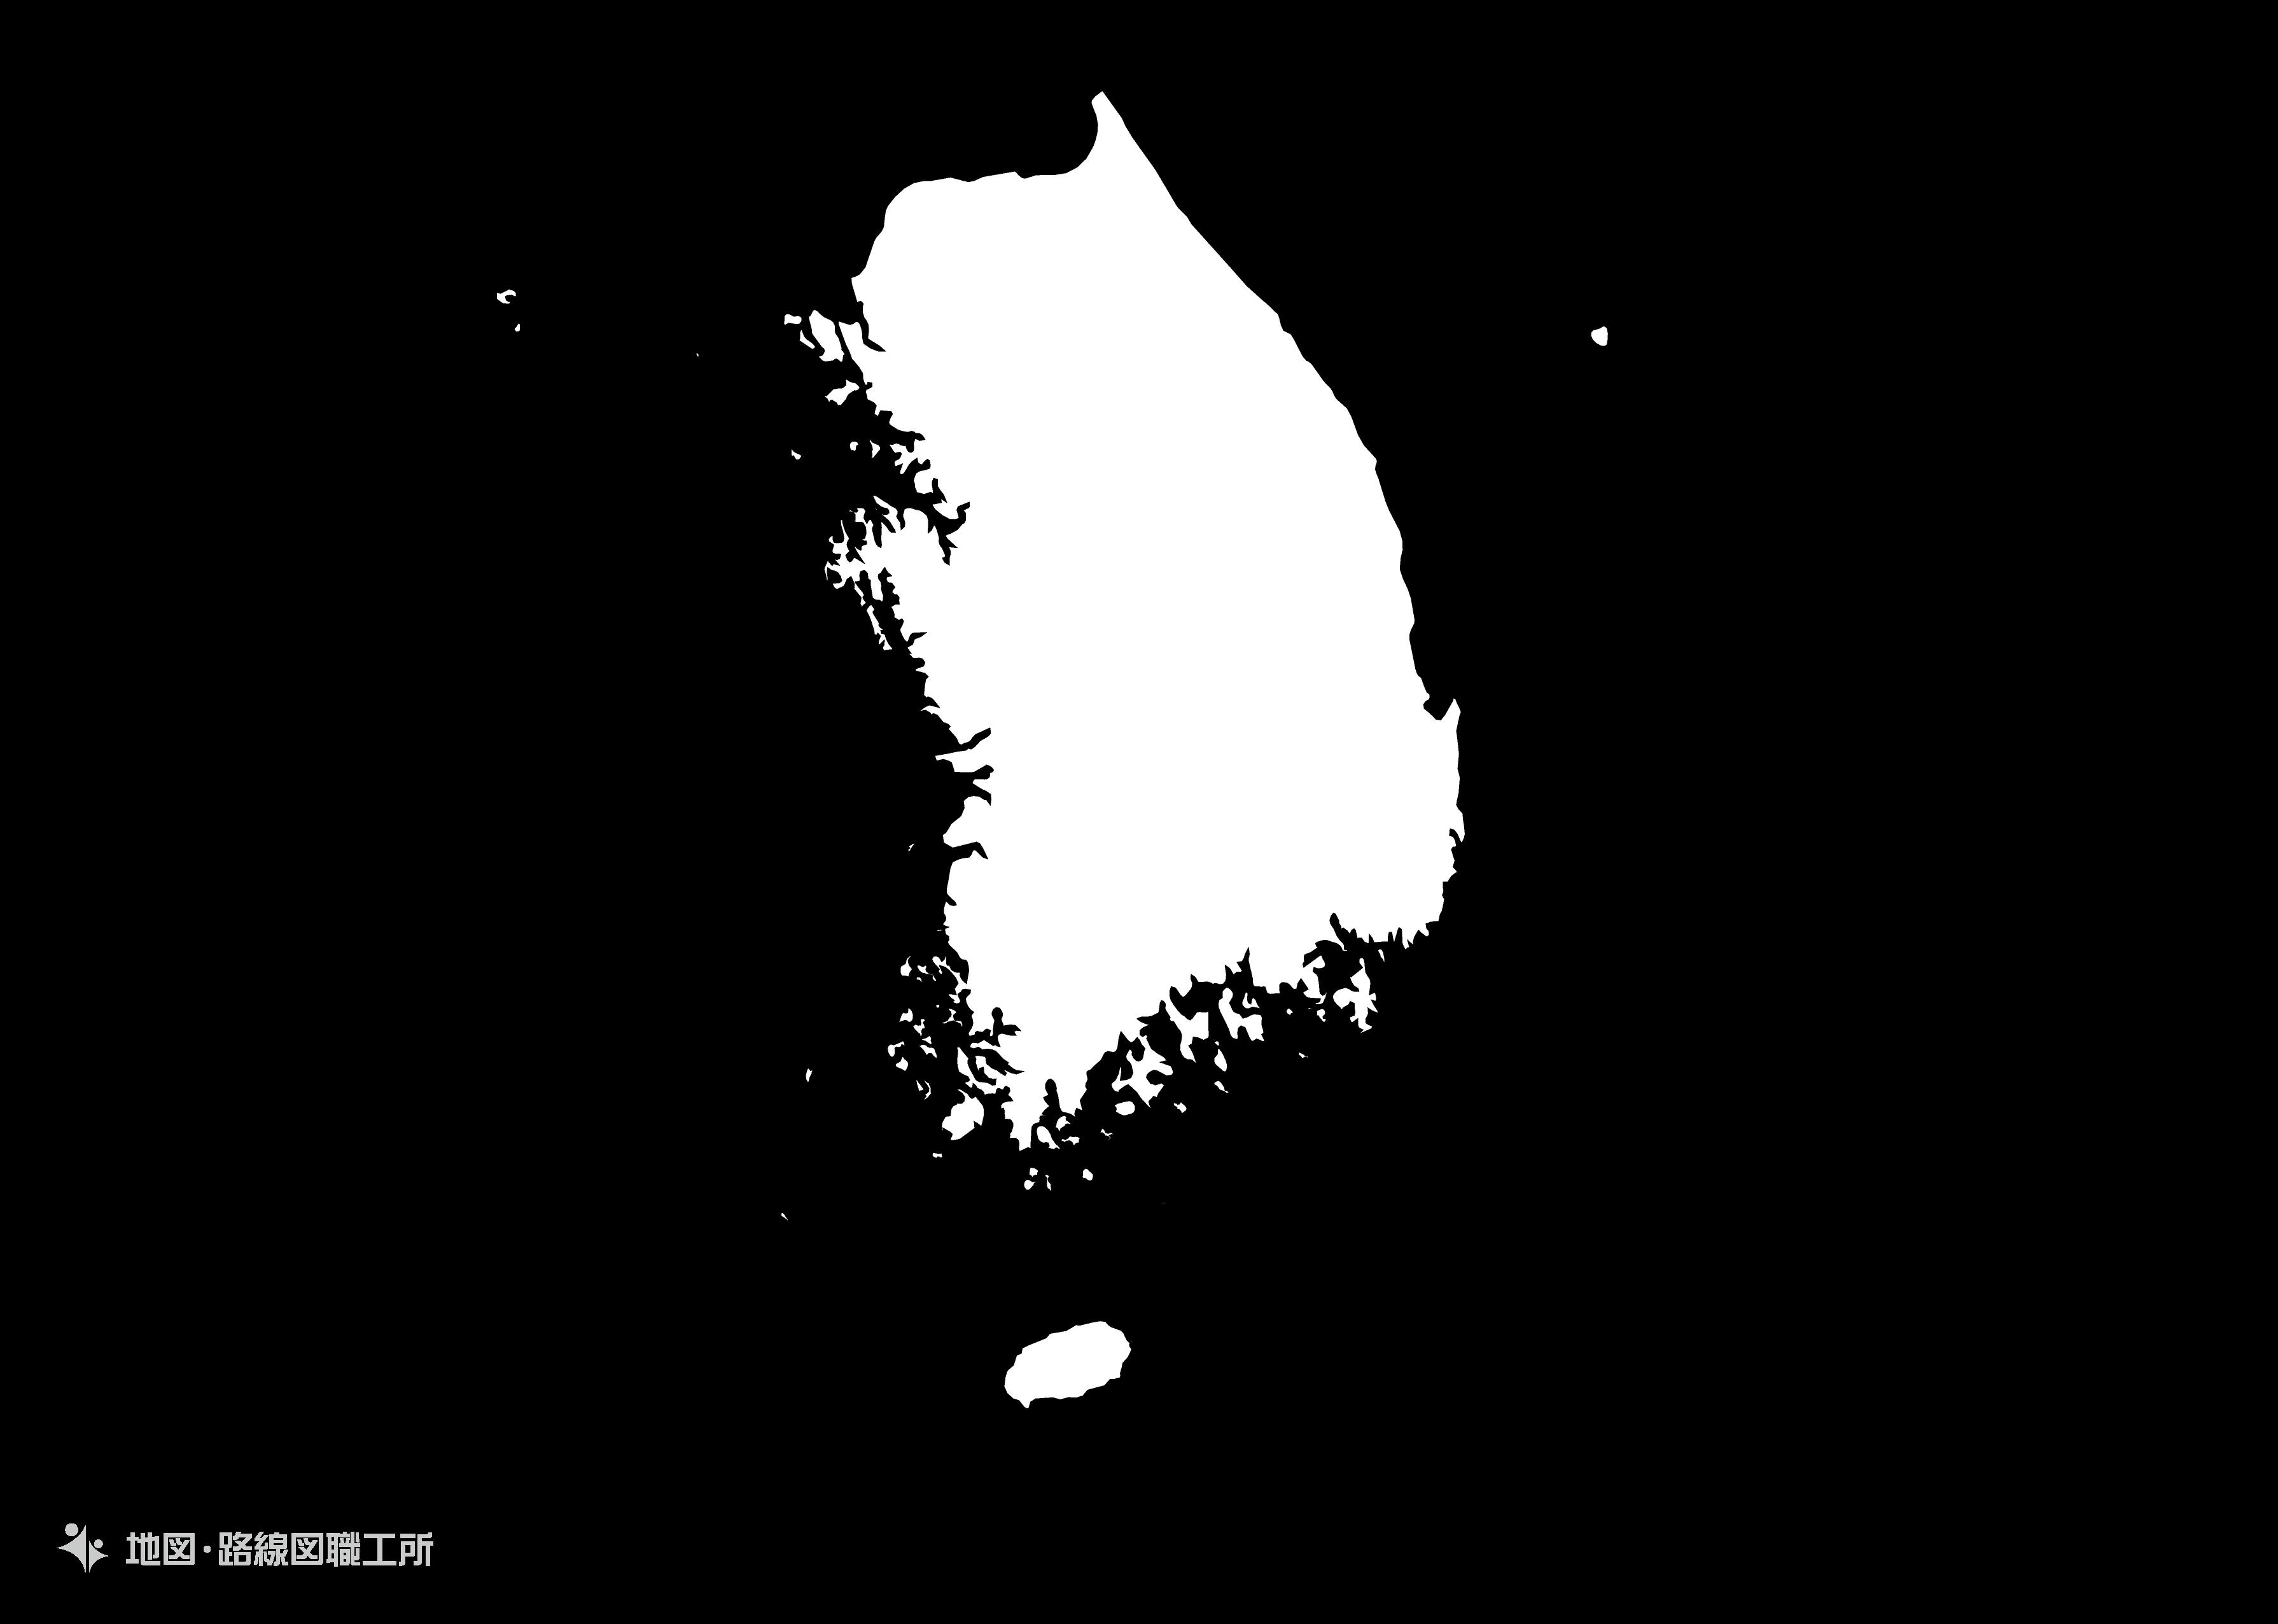 世界の白地図 大韓民国 republic-of-korea map